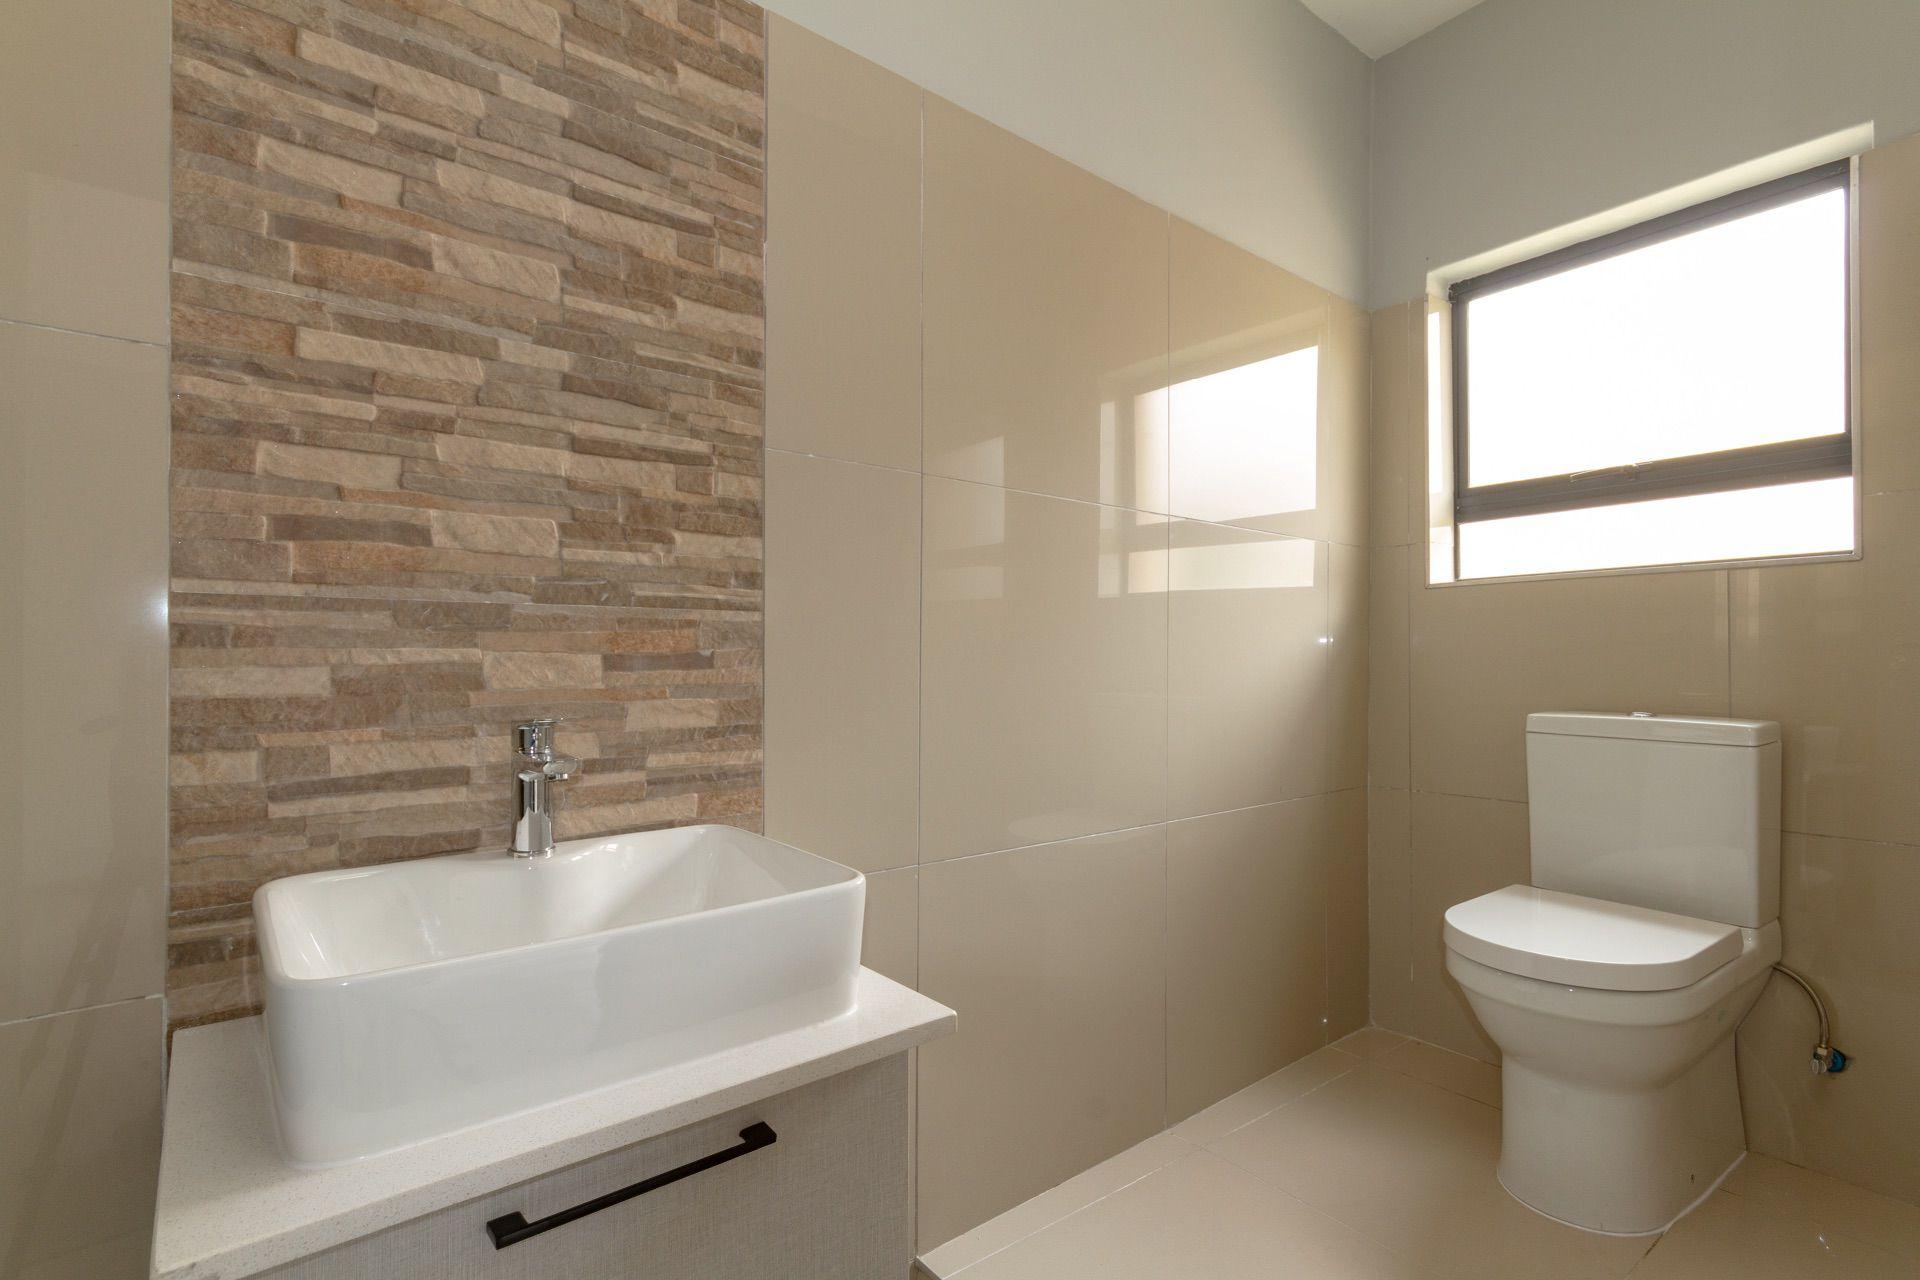 3rd en-suite bathroom